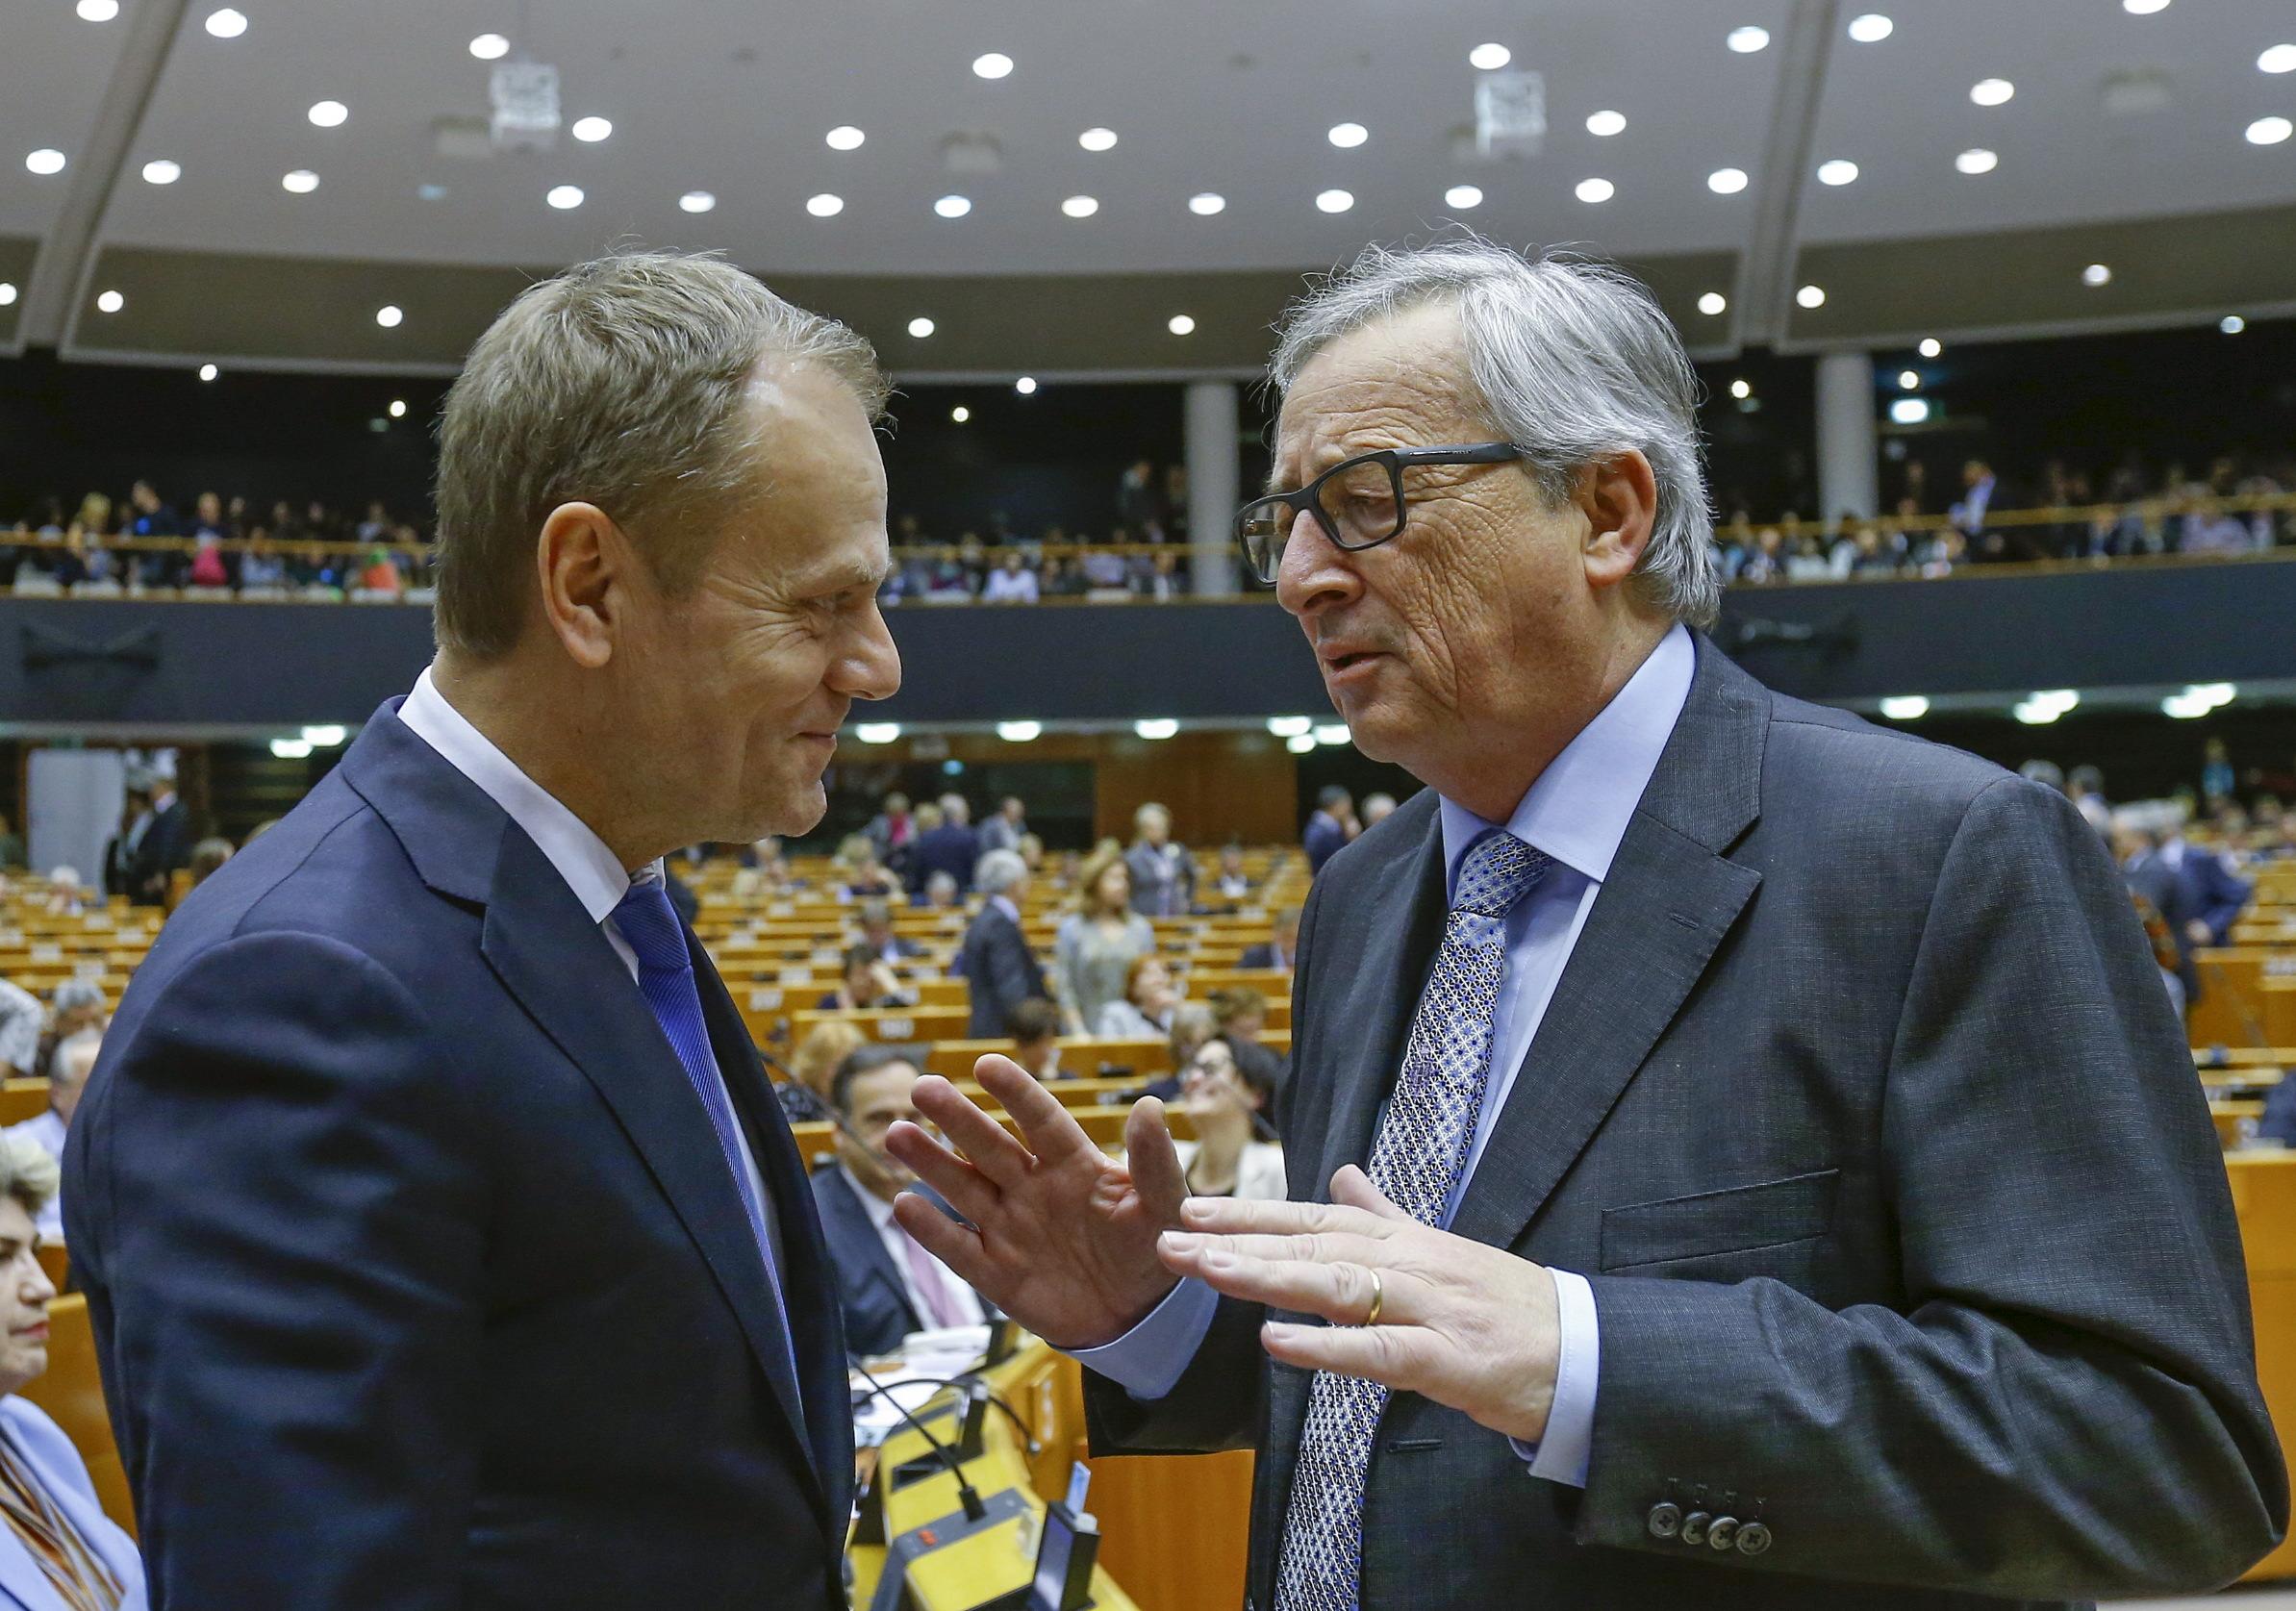 Predsjednik Europskog vijeća Donald Tusk (lijevo) i predsjednik Europske komisije Jean-Claude Juncker